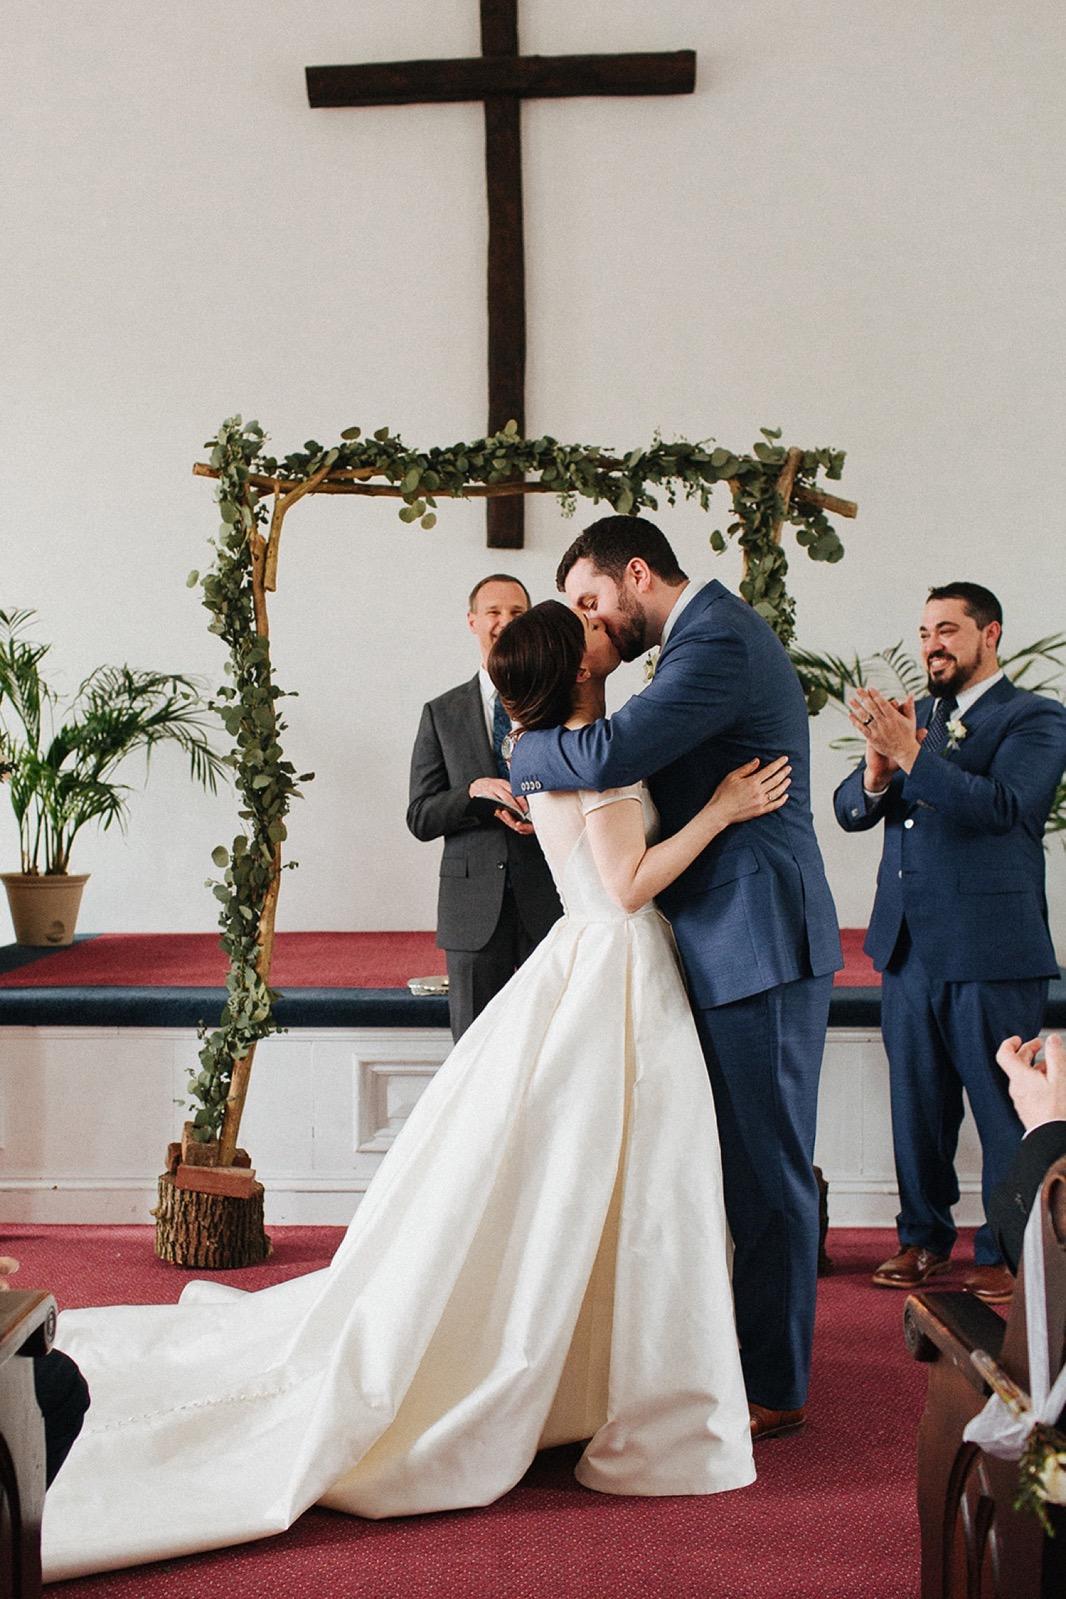 49_sheaf_county_barley_wedding_photography_bucks.jpg